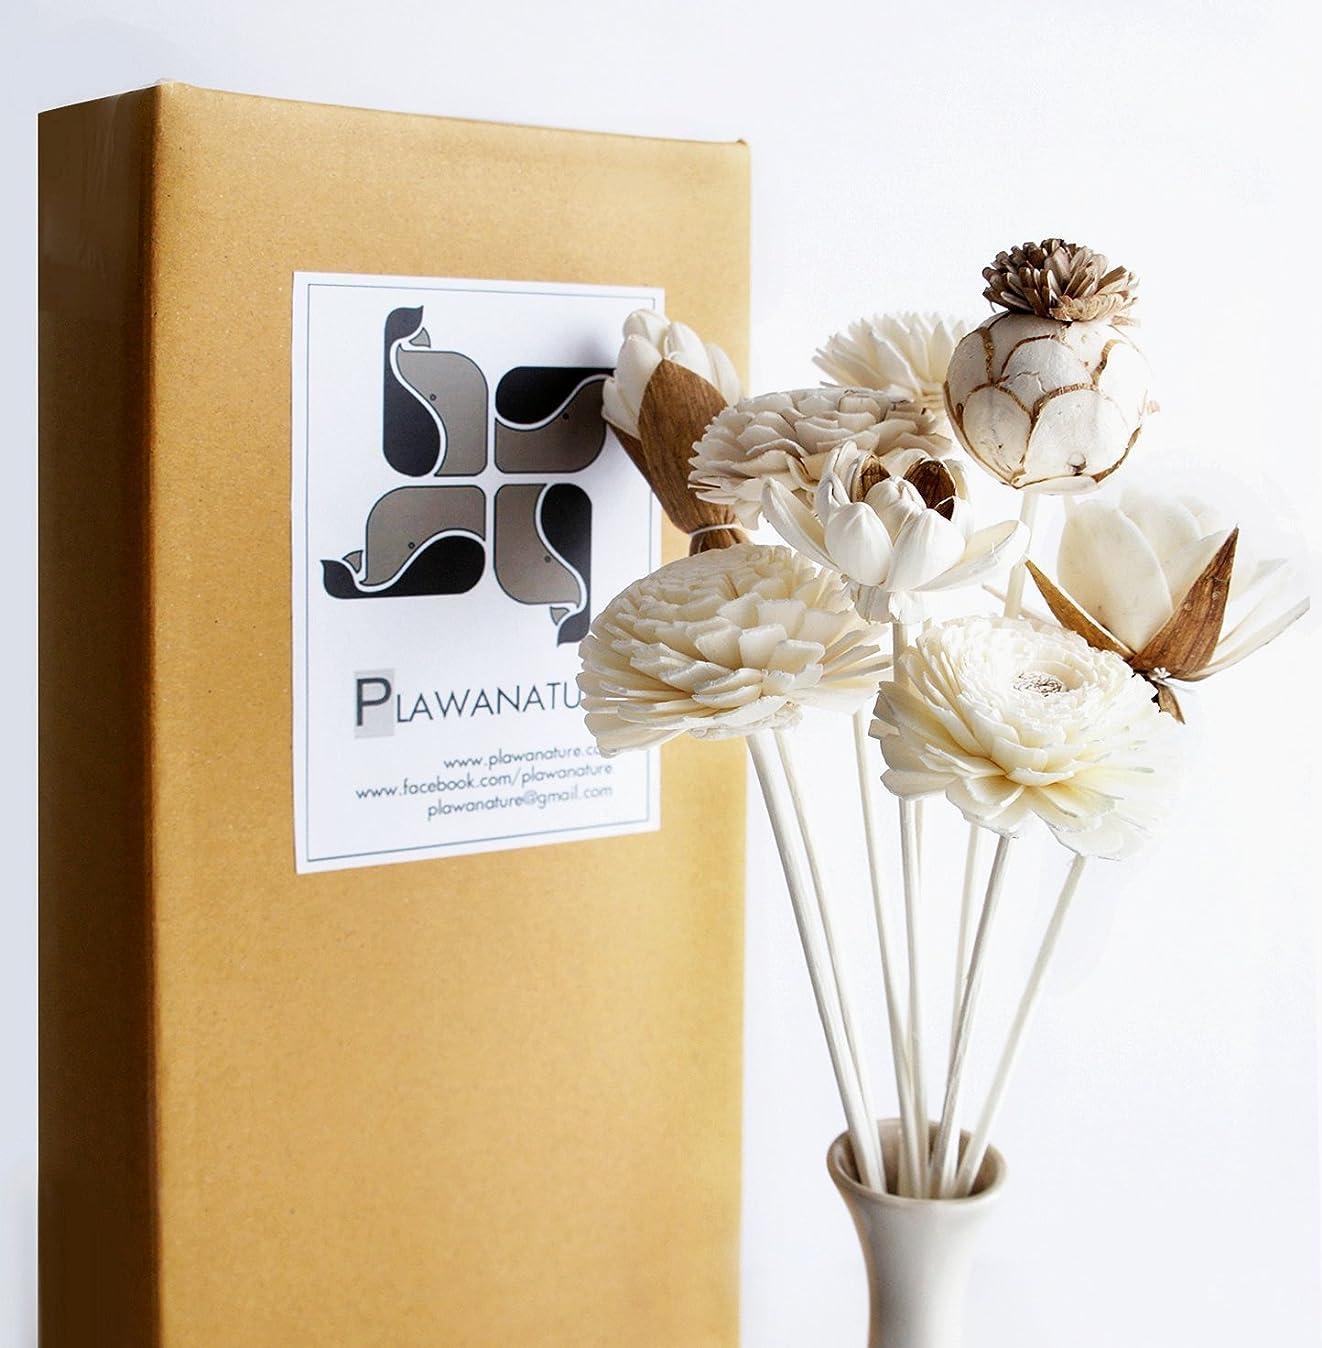 アカウント祝う鰐エキゾチックPlawanatureのセット8ミックスSola Wood Flower with Reed Diffuser for Home Fragranceアロマオイル。